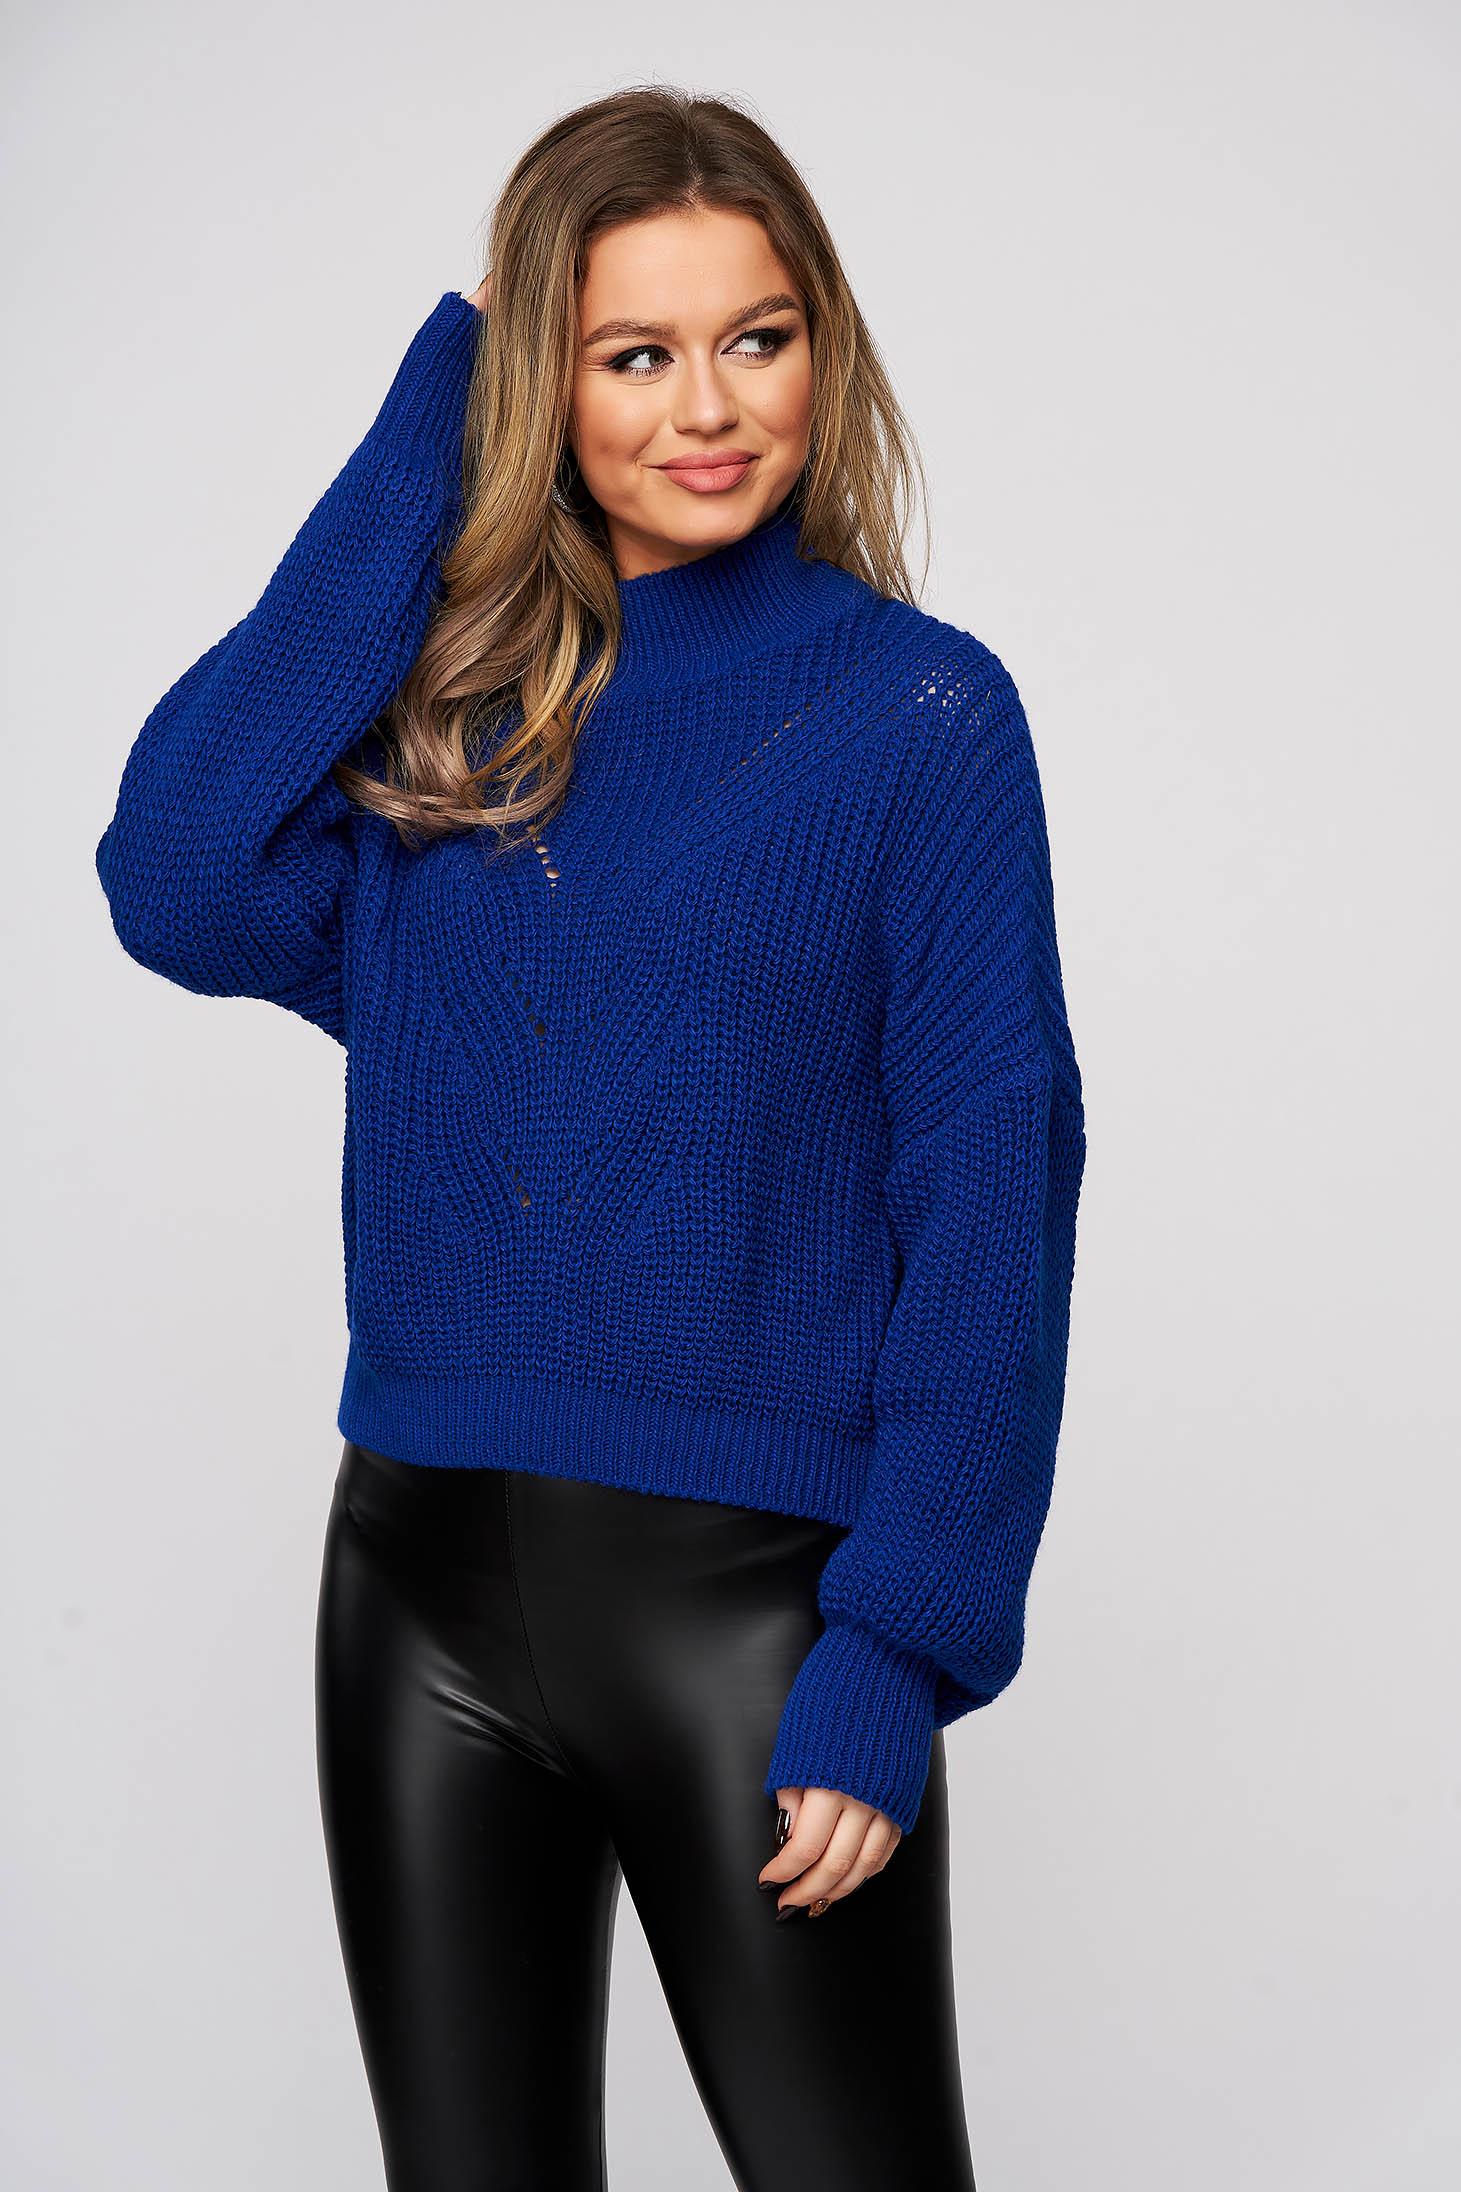 Kék bő ujjú bő szabású enyhén áttetsző anyag kötött pulóver